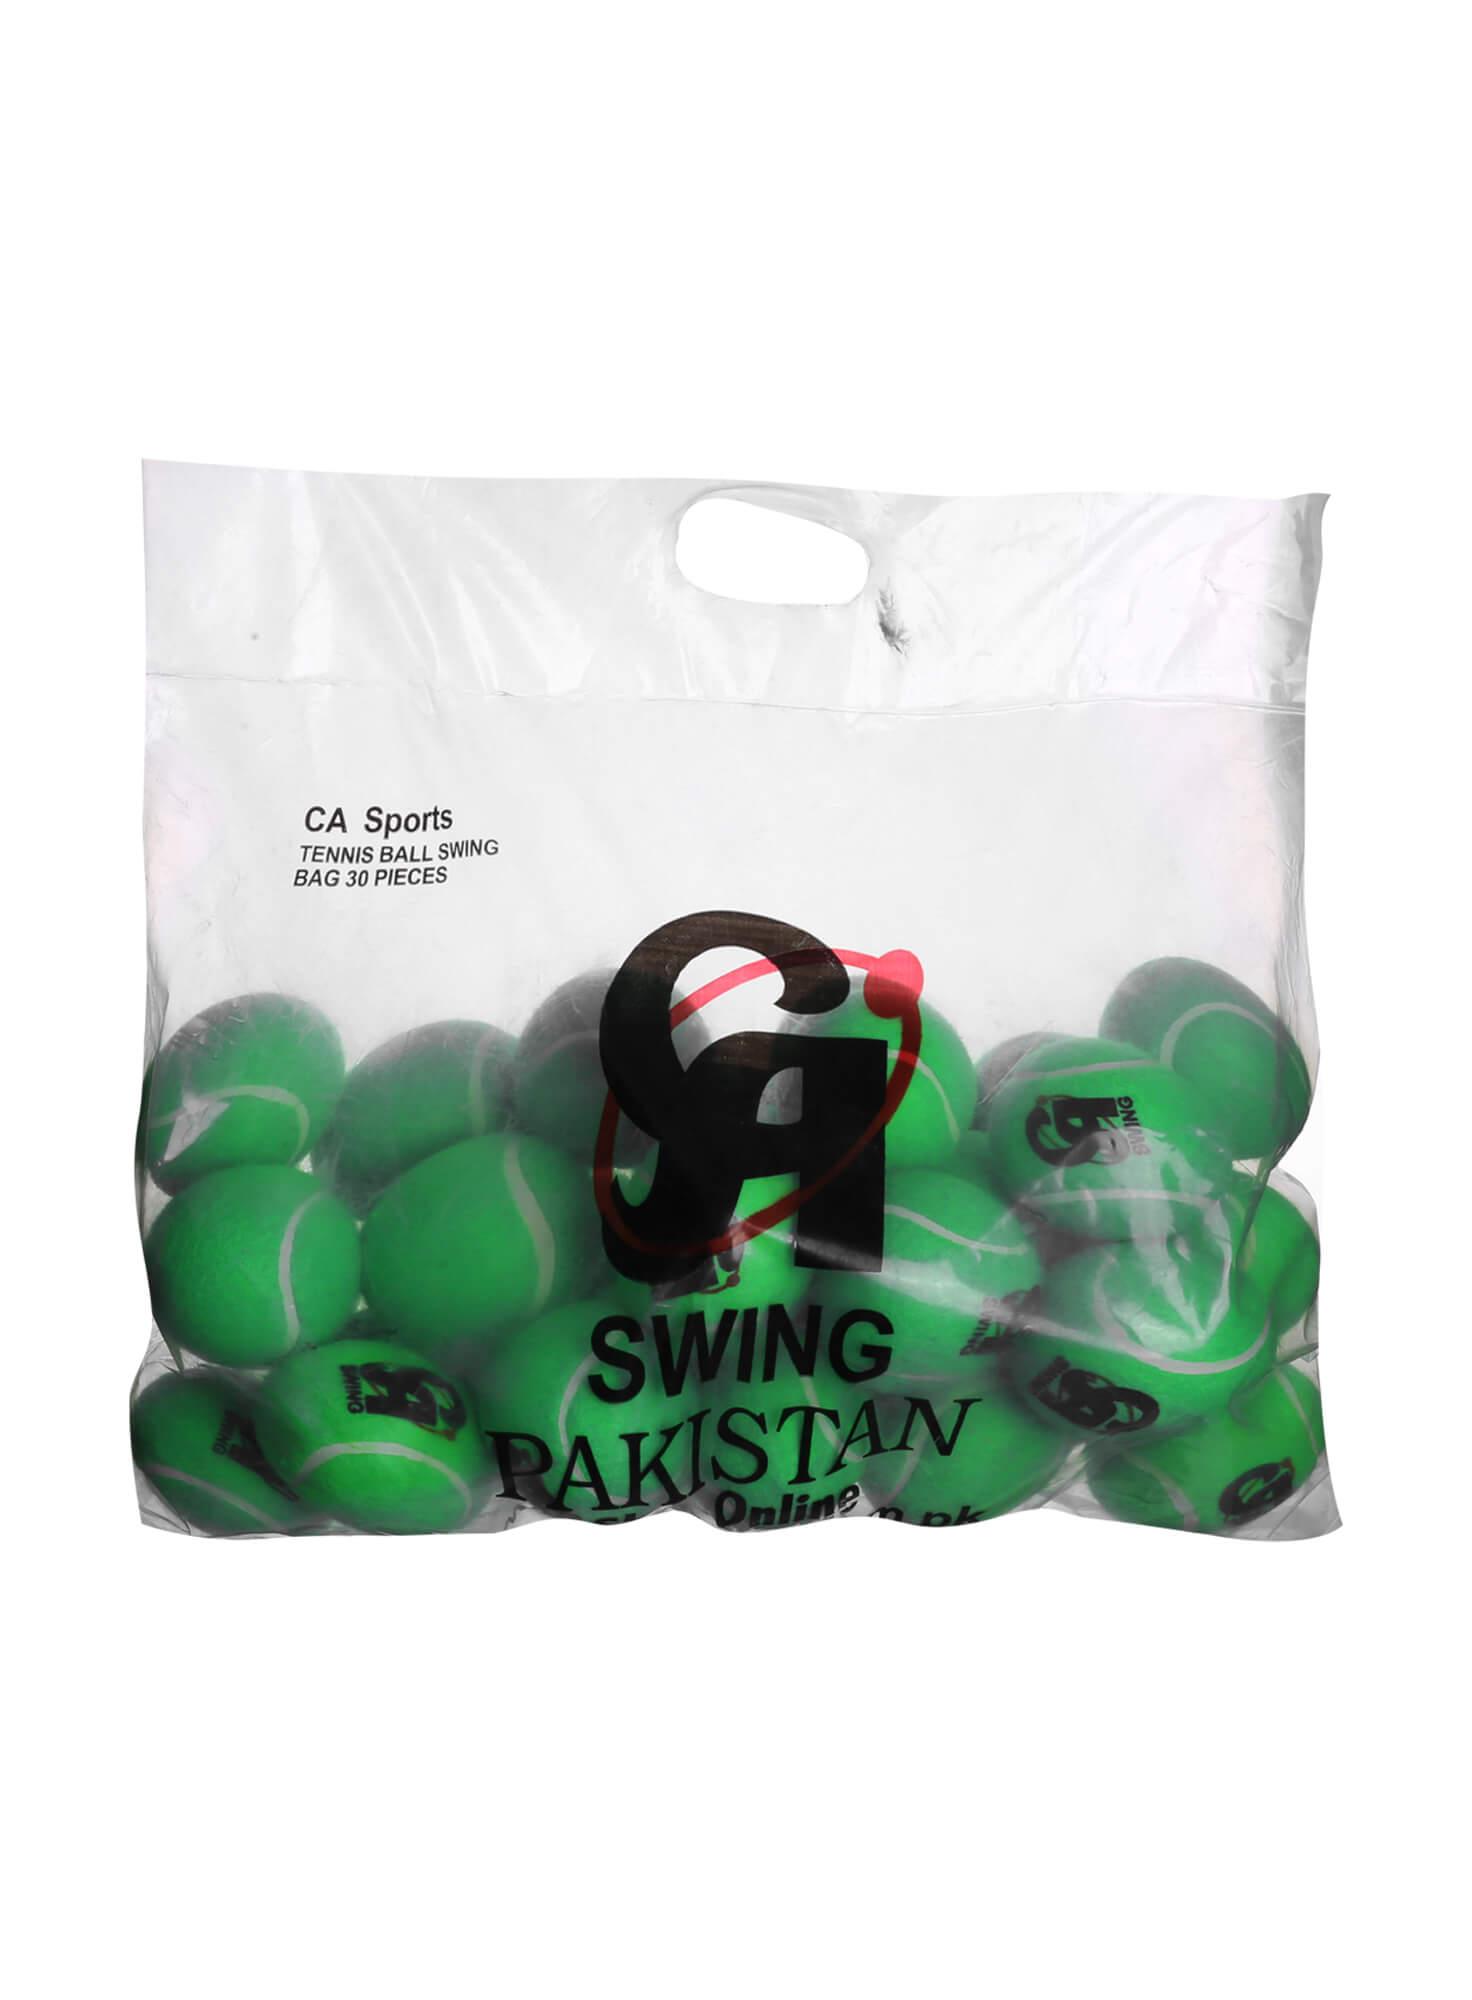 tap balls